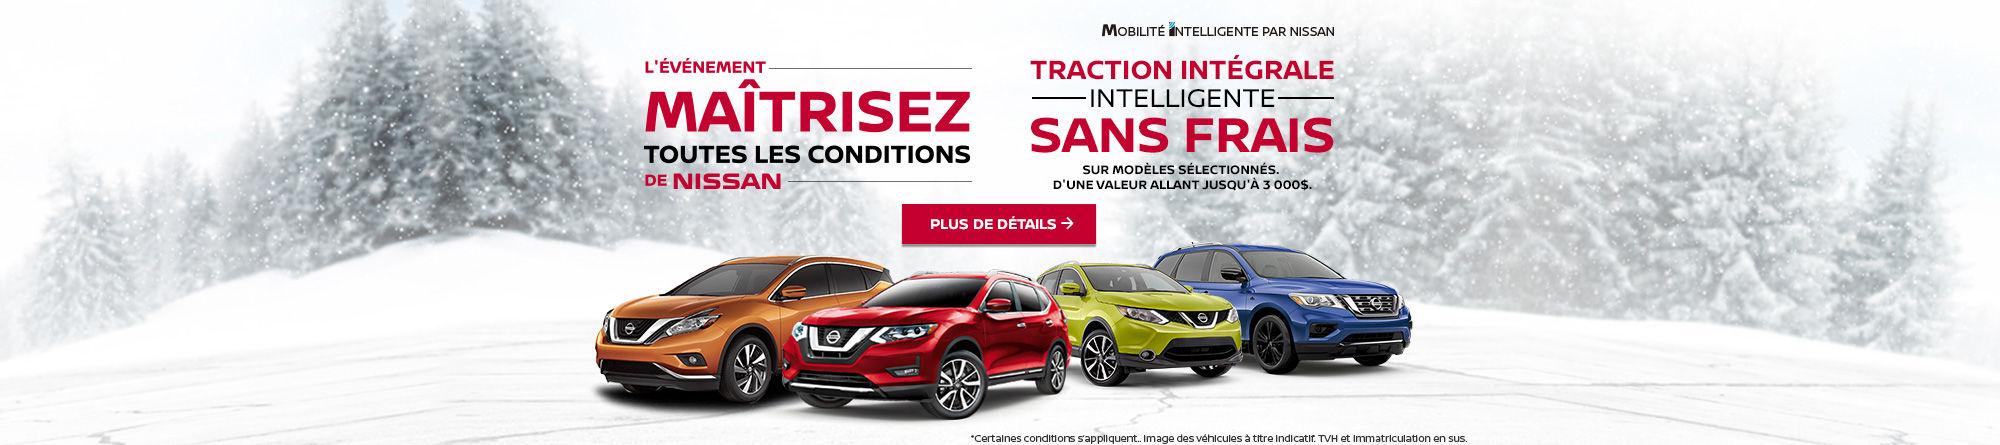 Maîtrisez toutes les conditions - Nissan